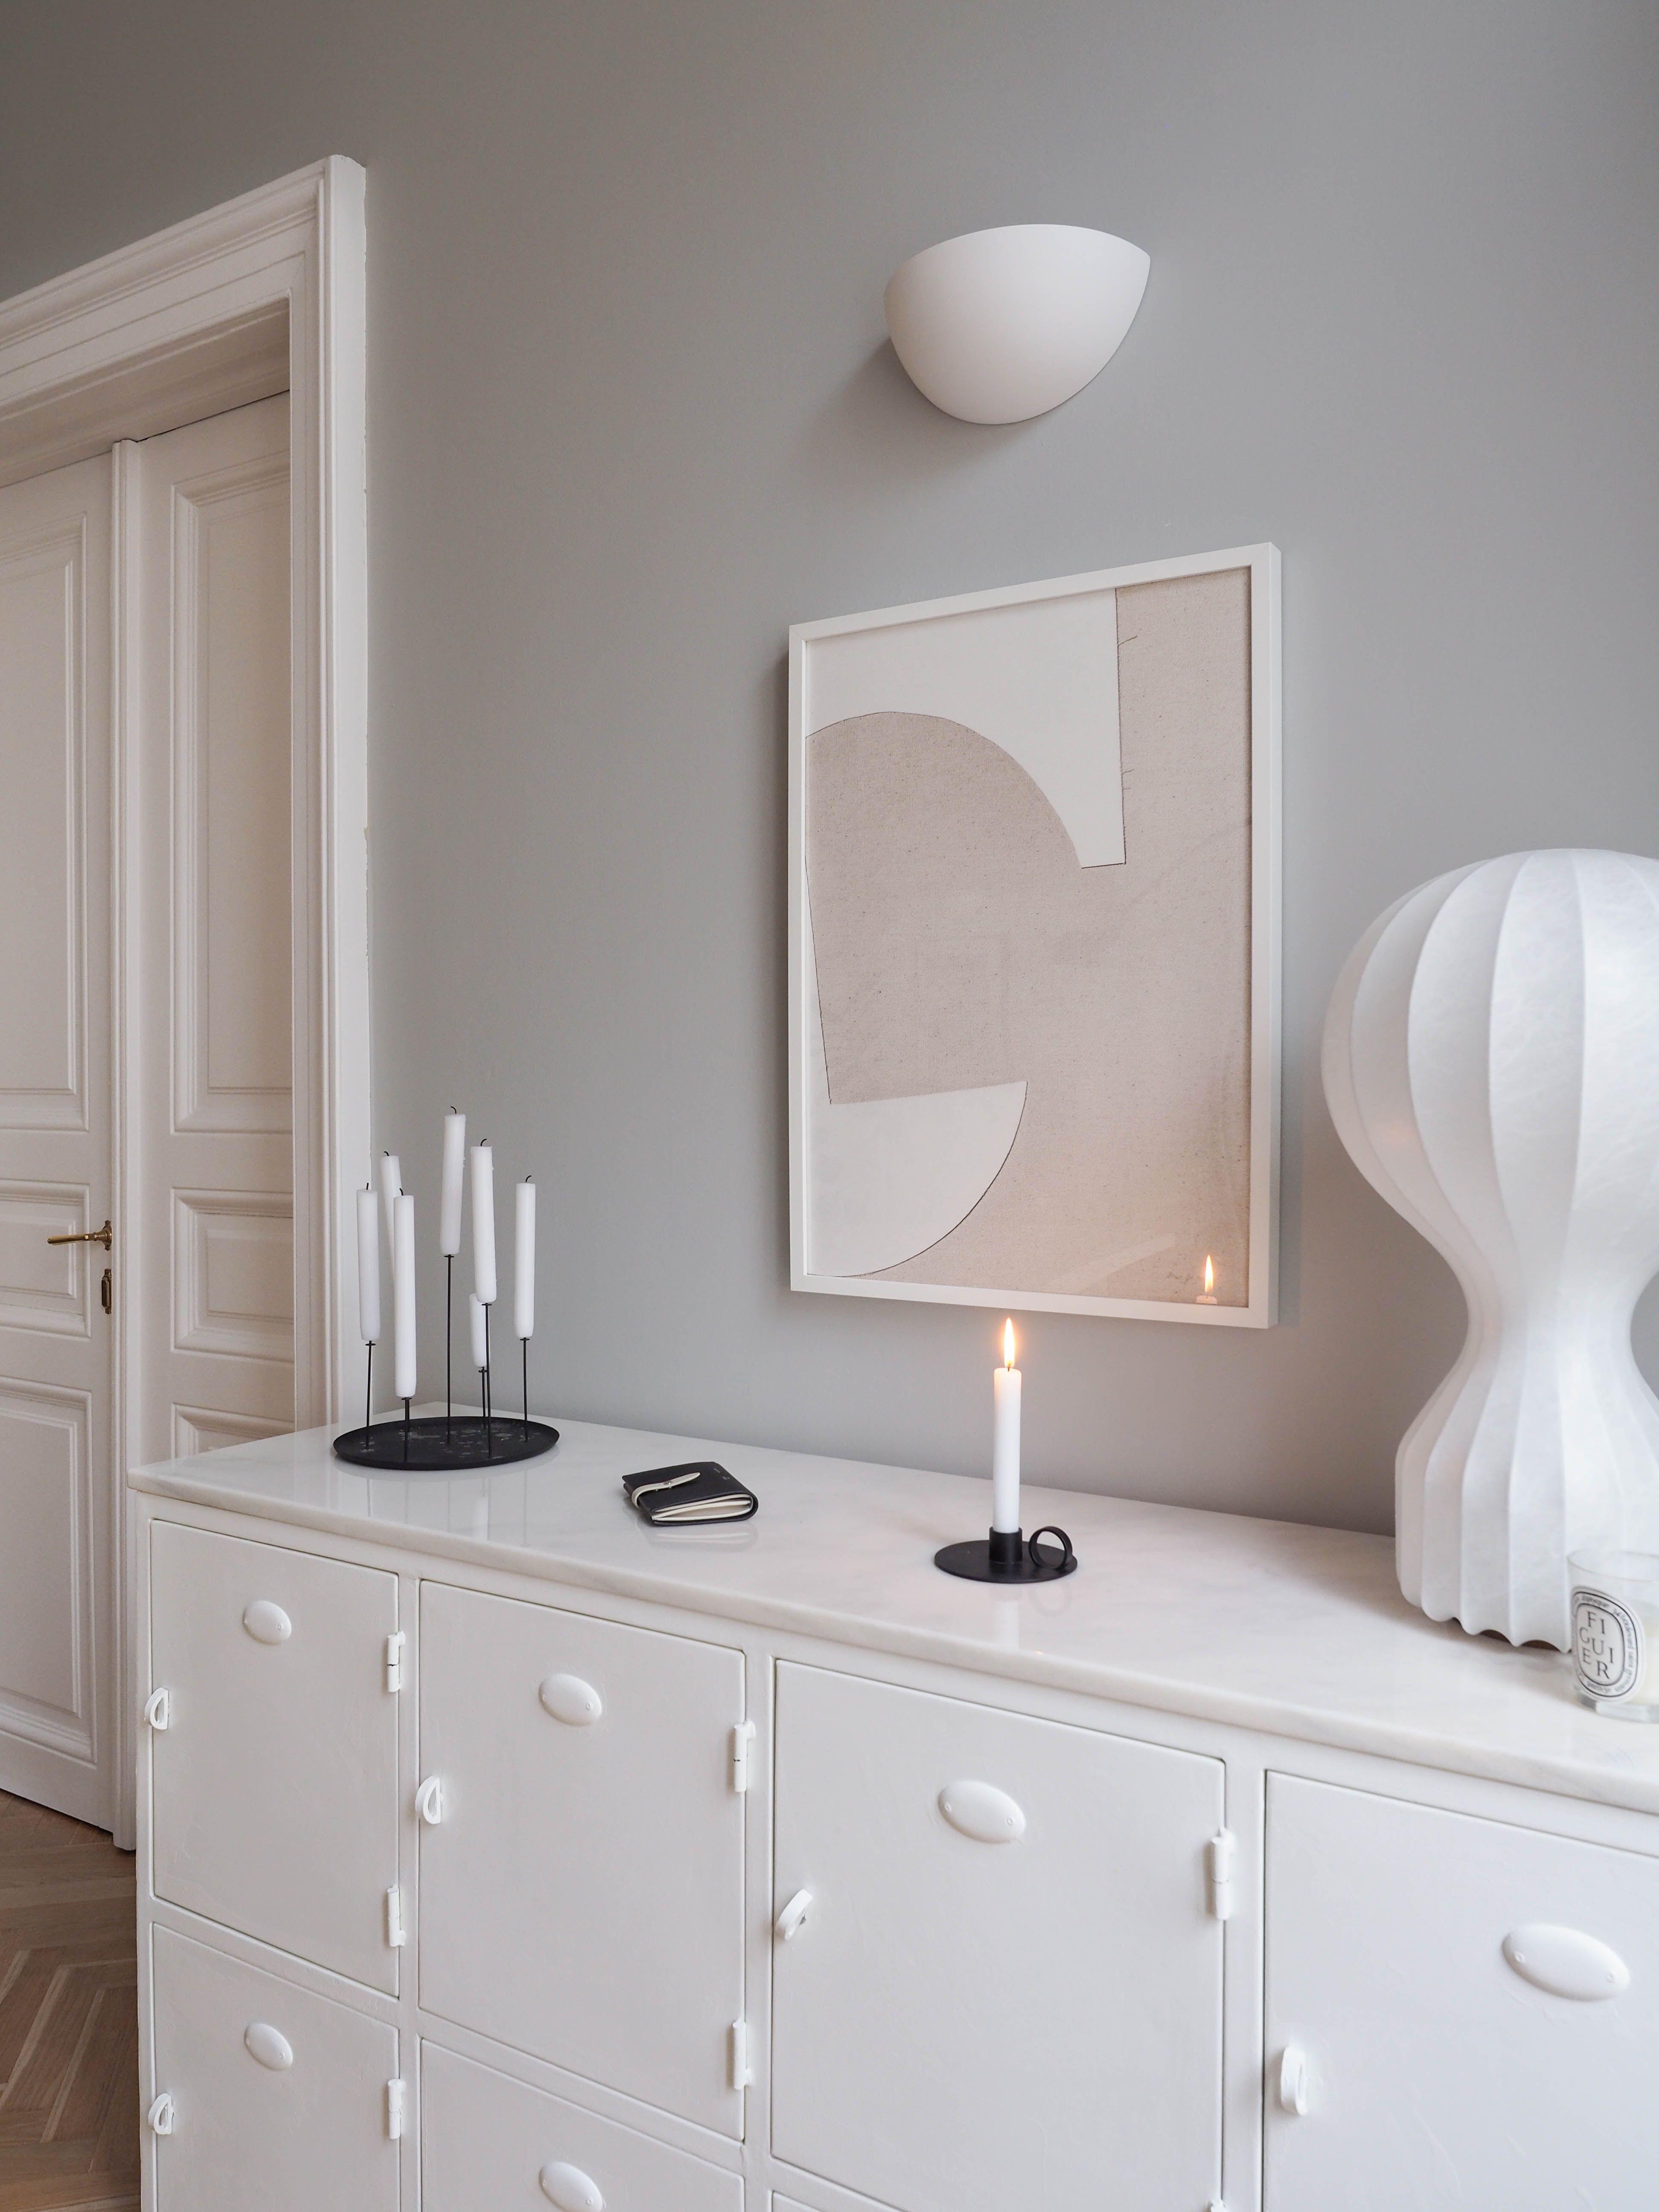 graue wandfarbe von farrow ball pinterest farrow ball wandfarbe und b lle. Black Bedroom Furniture Sets. Home Design Ideas